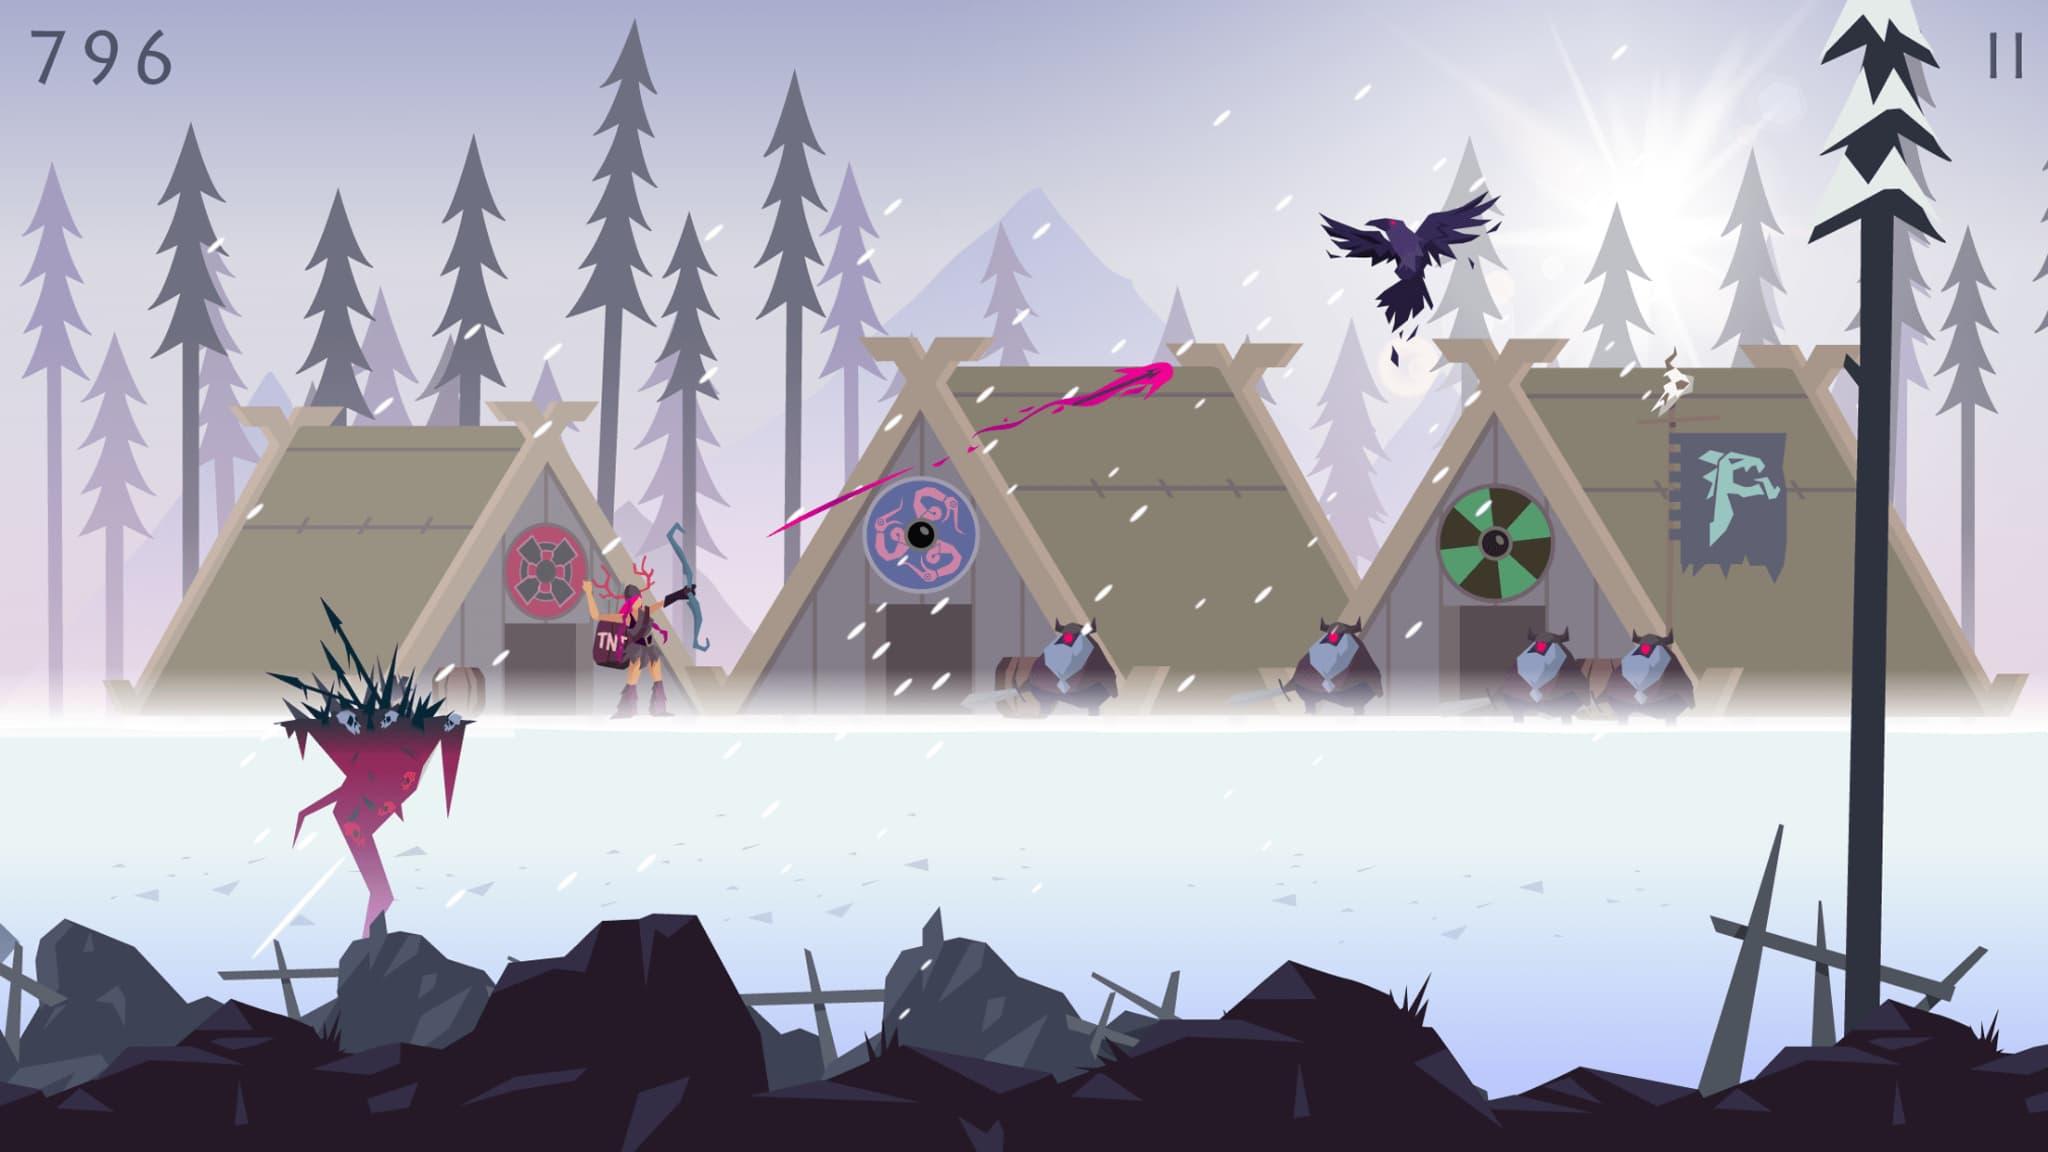 L'un des personnages de Vikings: an Archer's Journey, tirant une flèche explosive sur un corbeau.